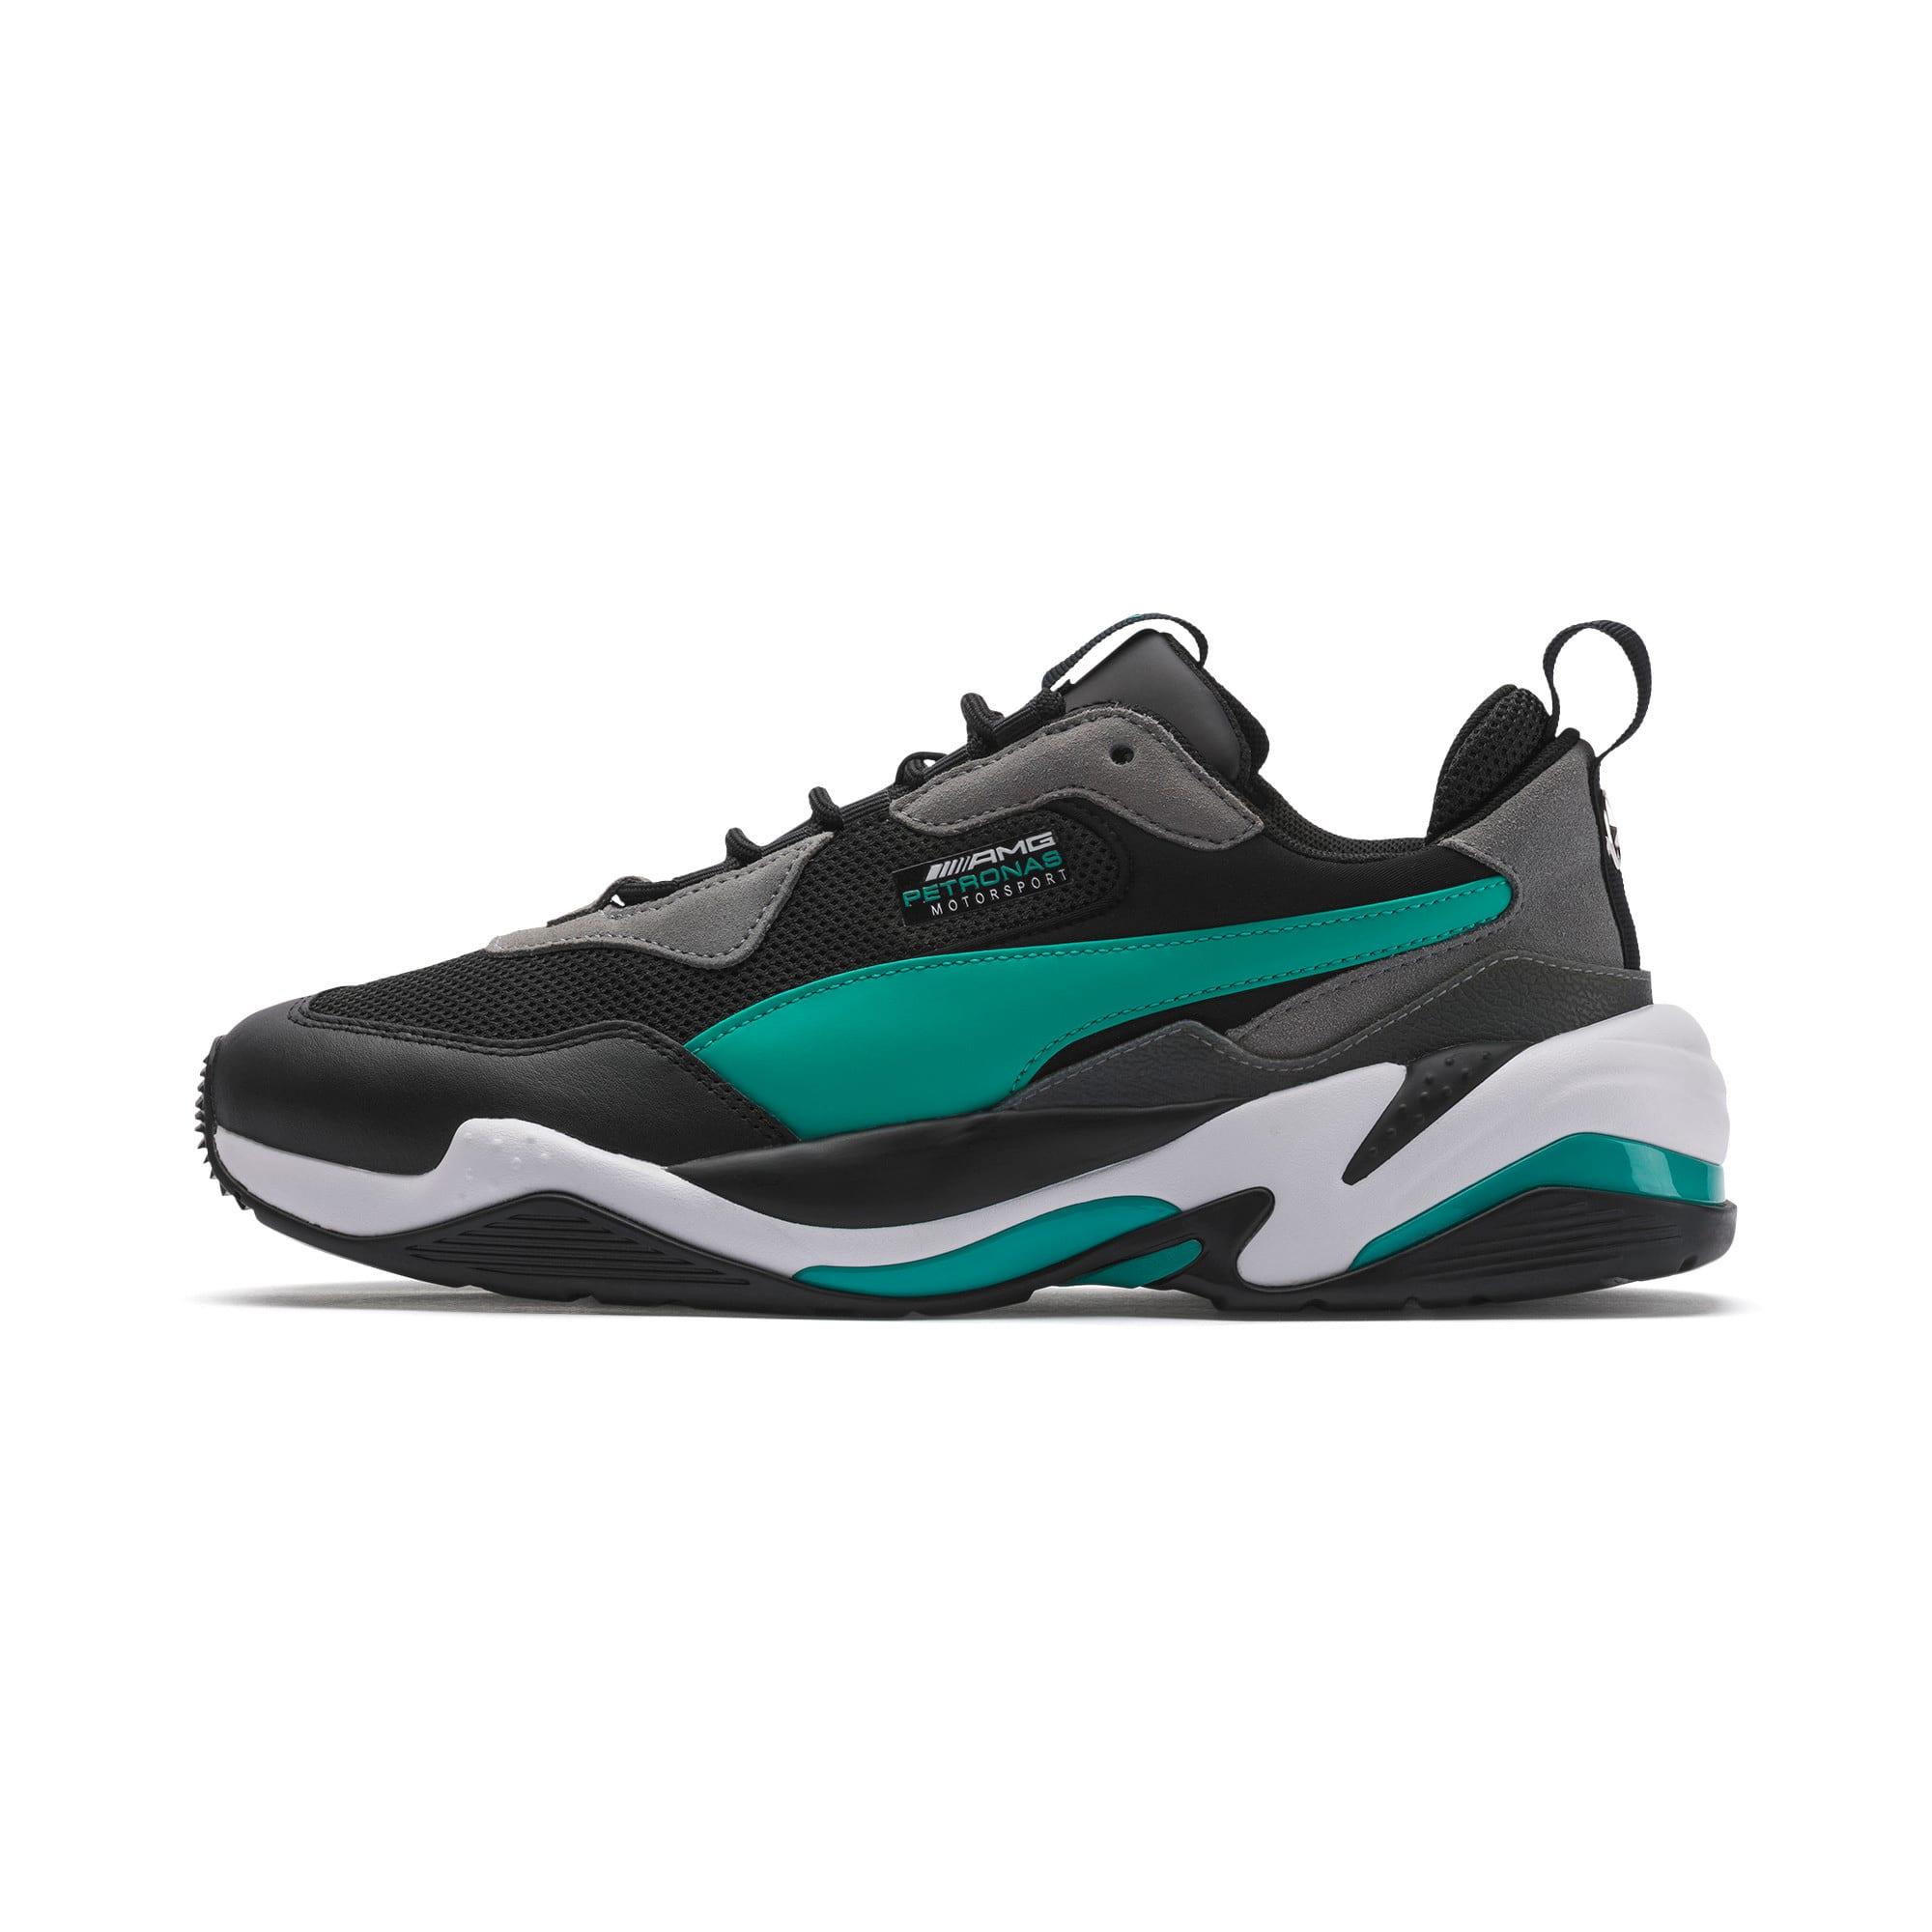 Puma Thunder Leder Sale Sneaker Herren Schwarz